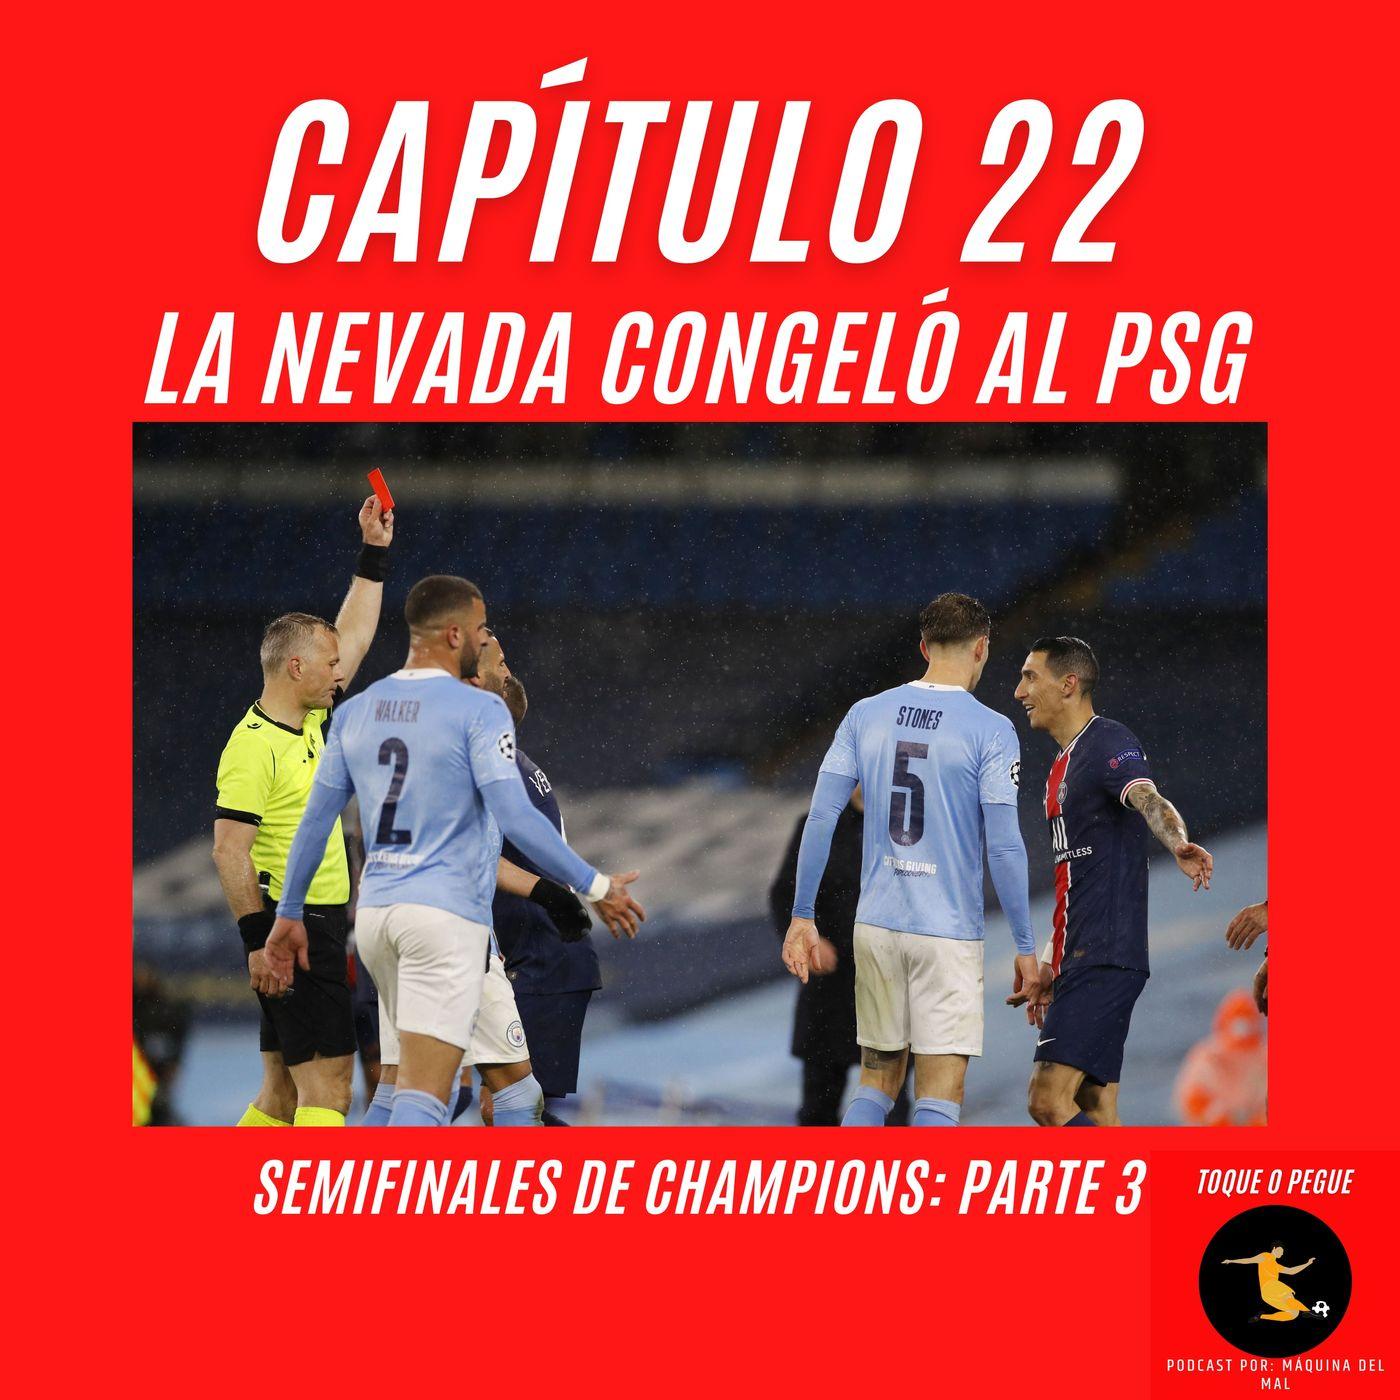 Capítulo 22: La nevada congeló al PSG.